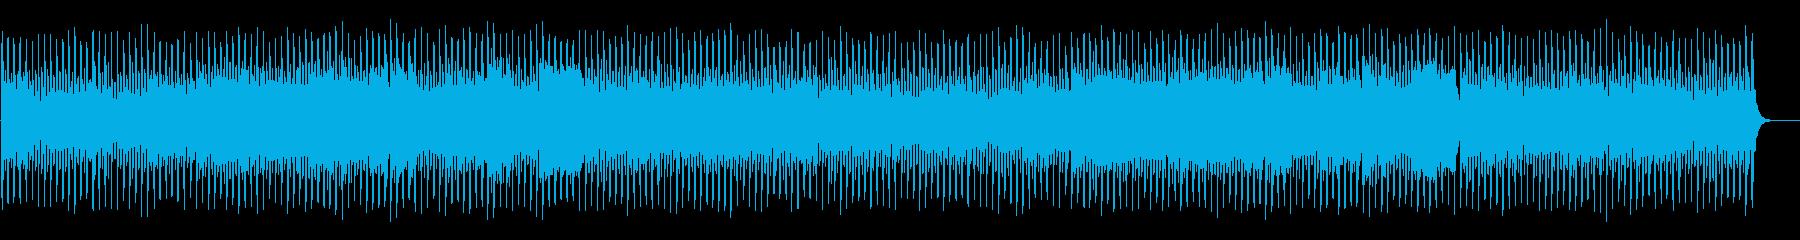 【メロ無し】ミステリアスなハロウィンの再生済みの波形